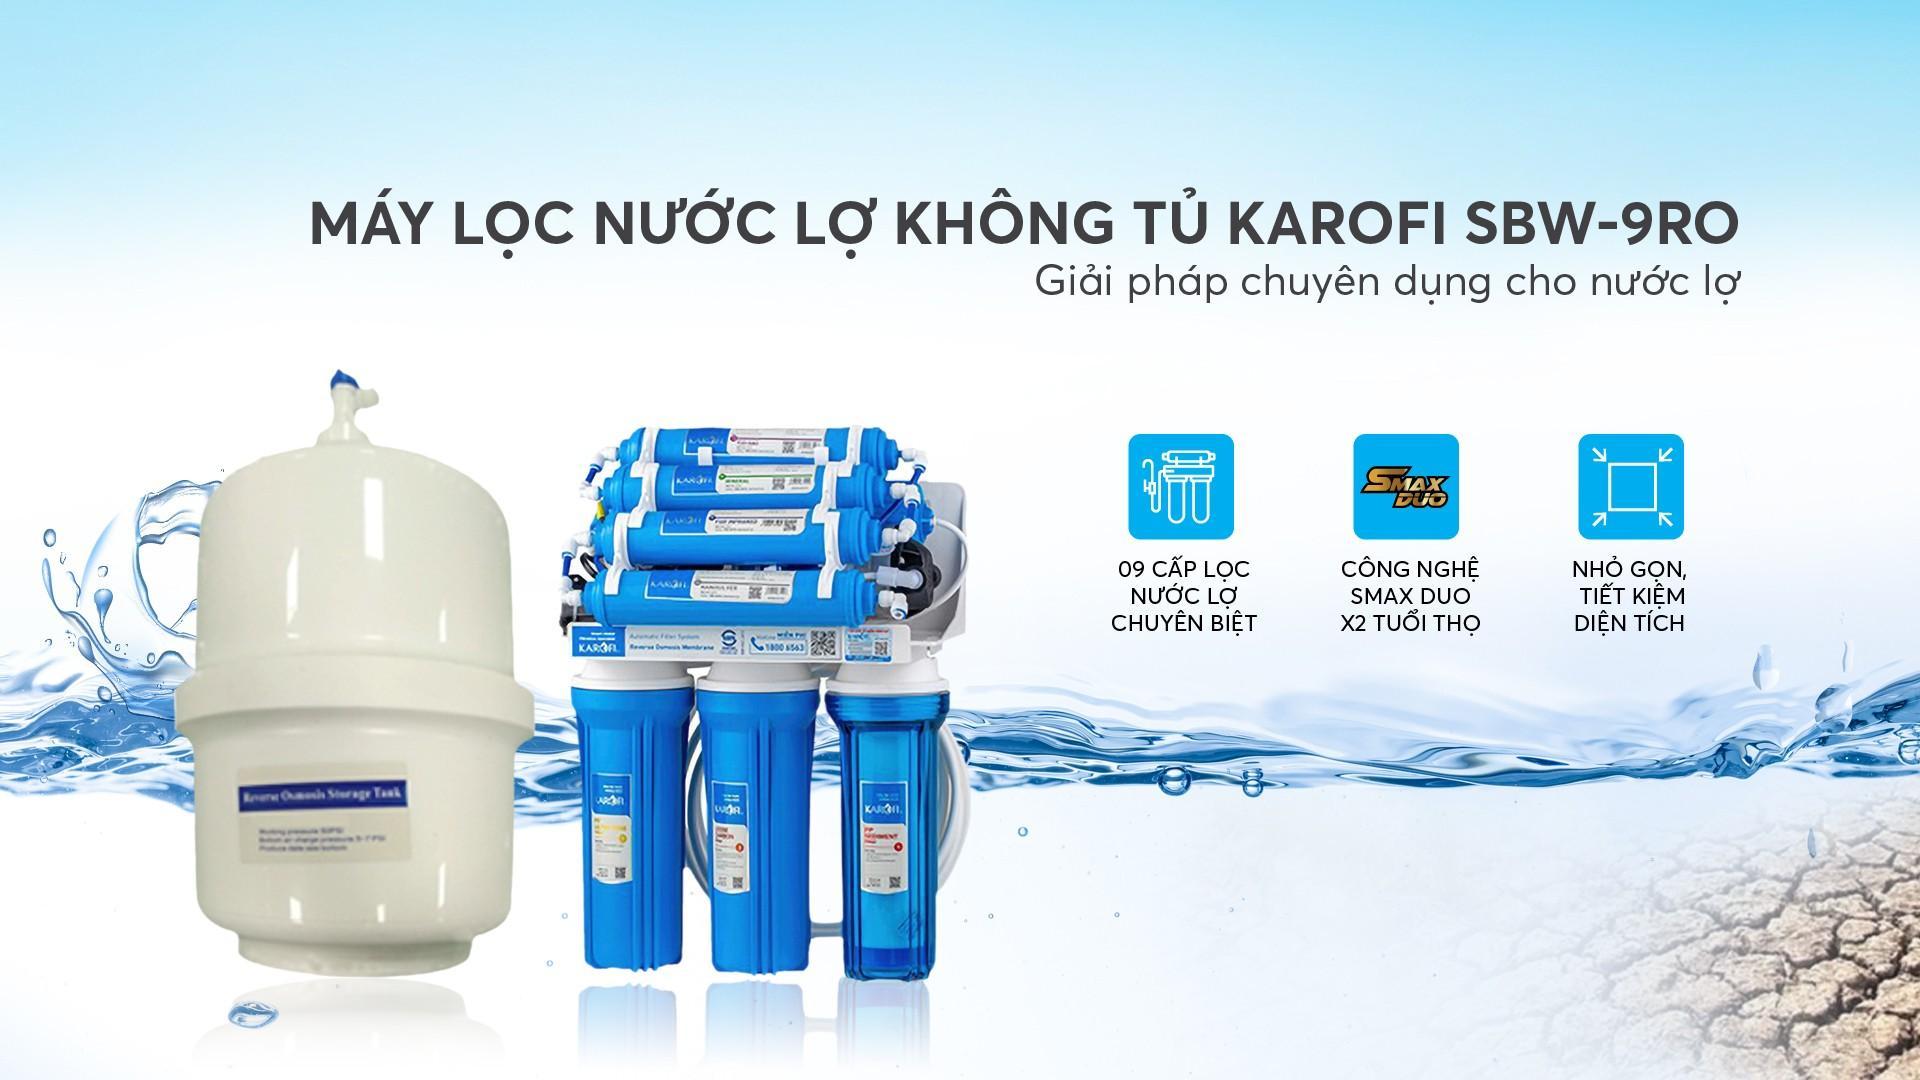 Máy lọc nước lợ không tủ Karofi SBW-9RO